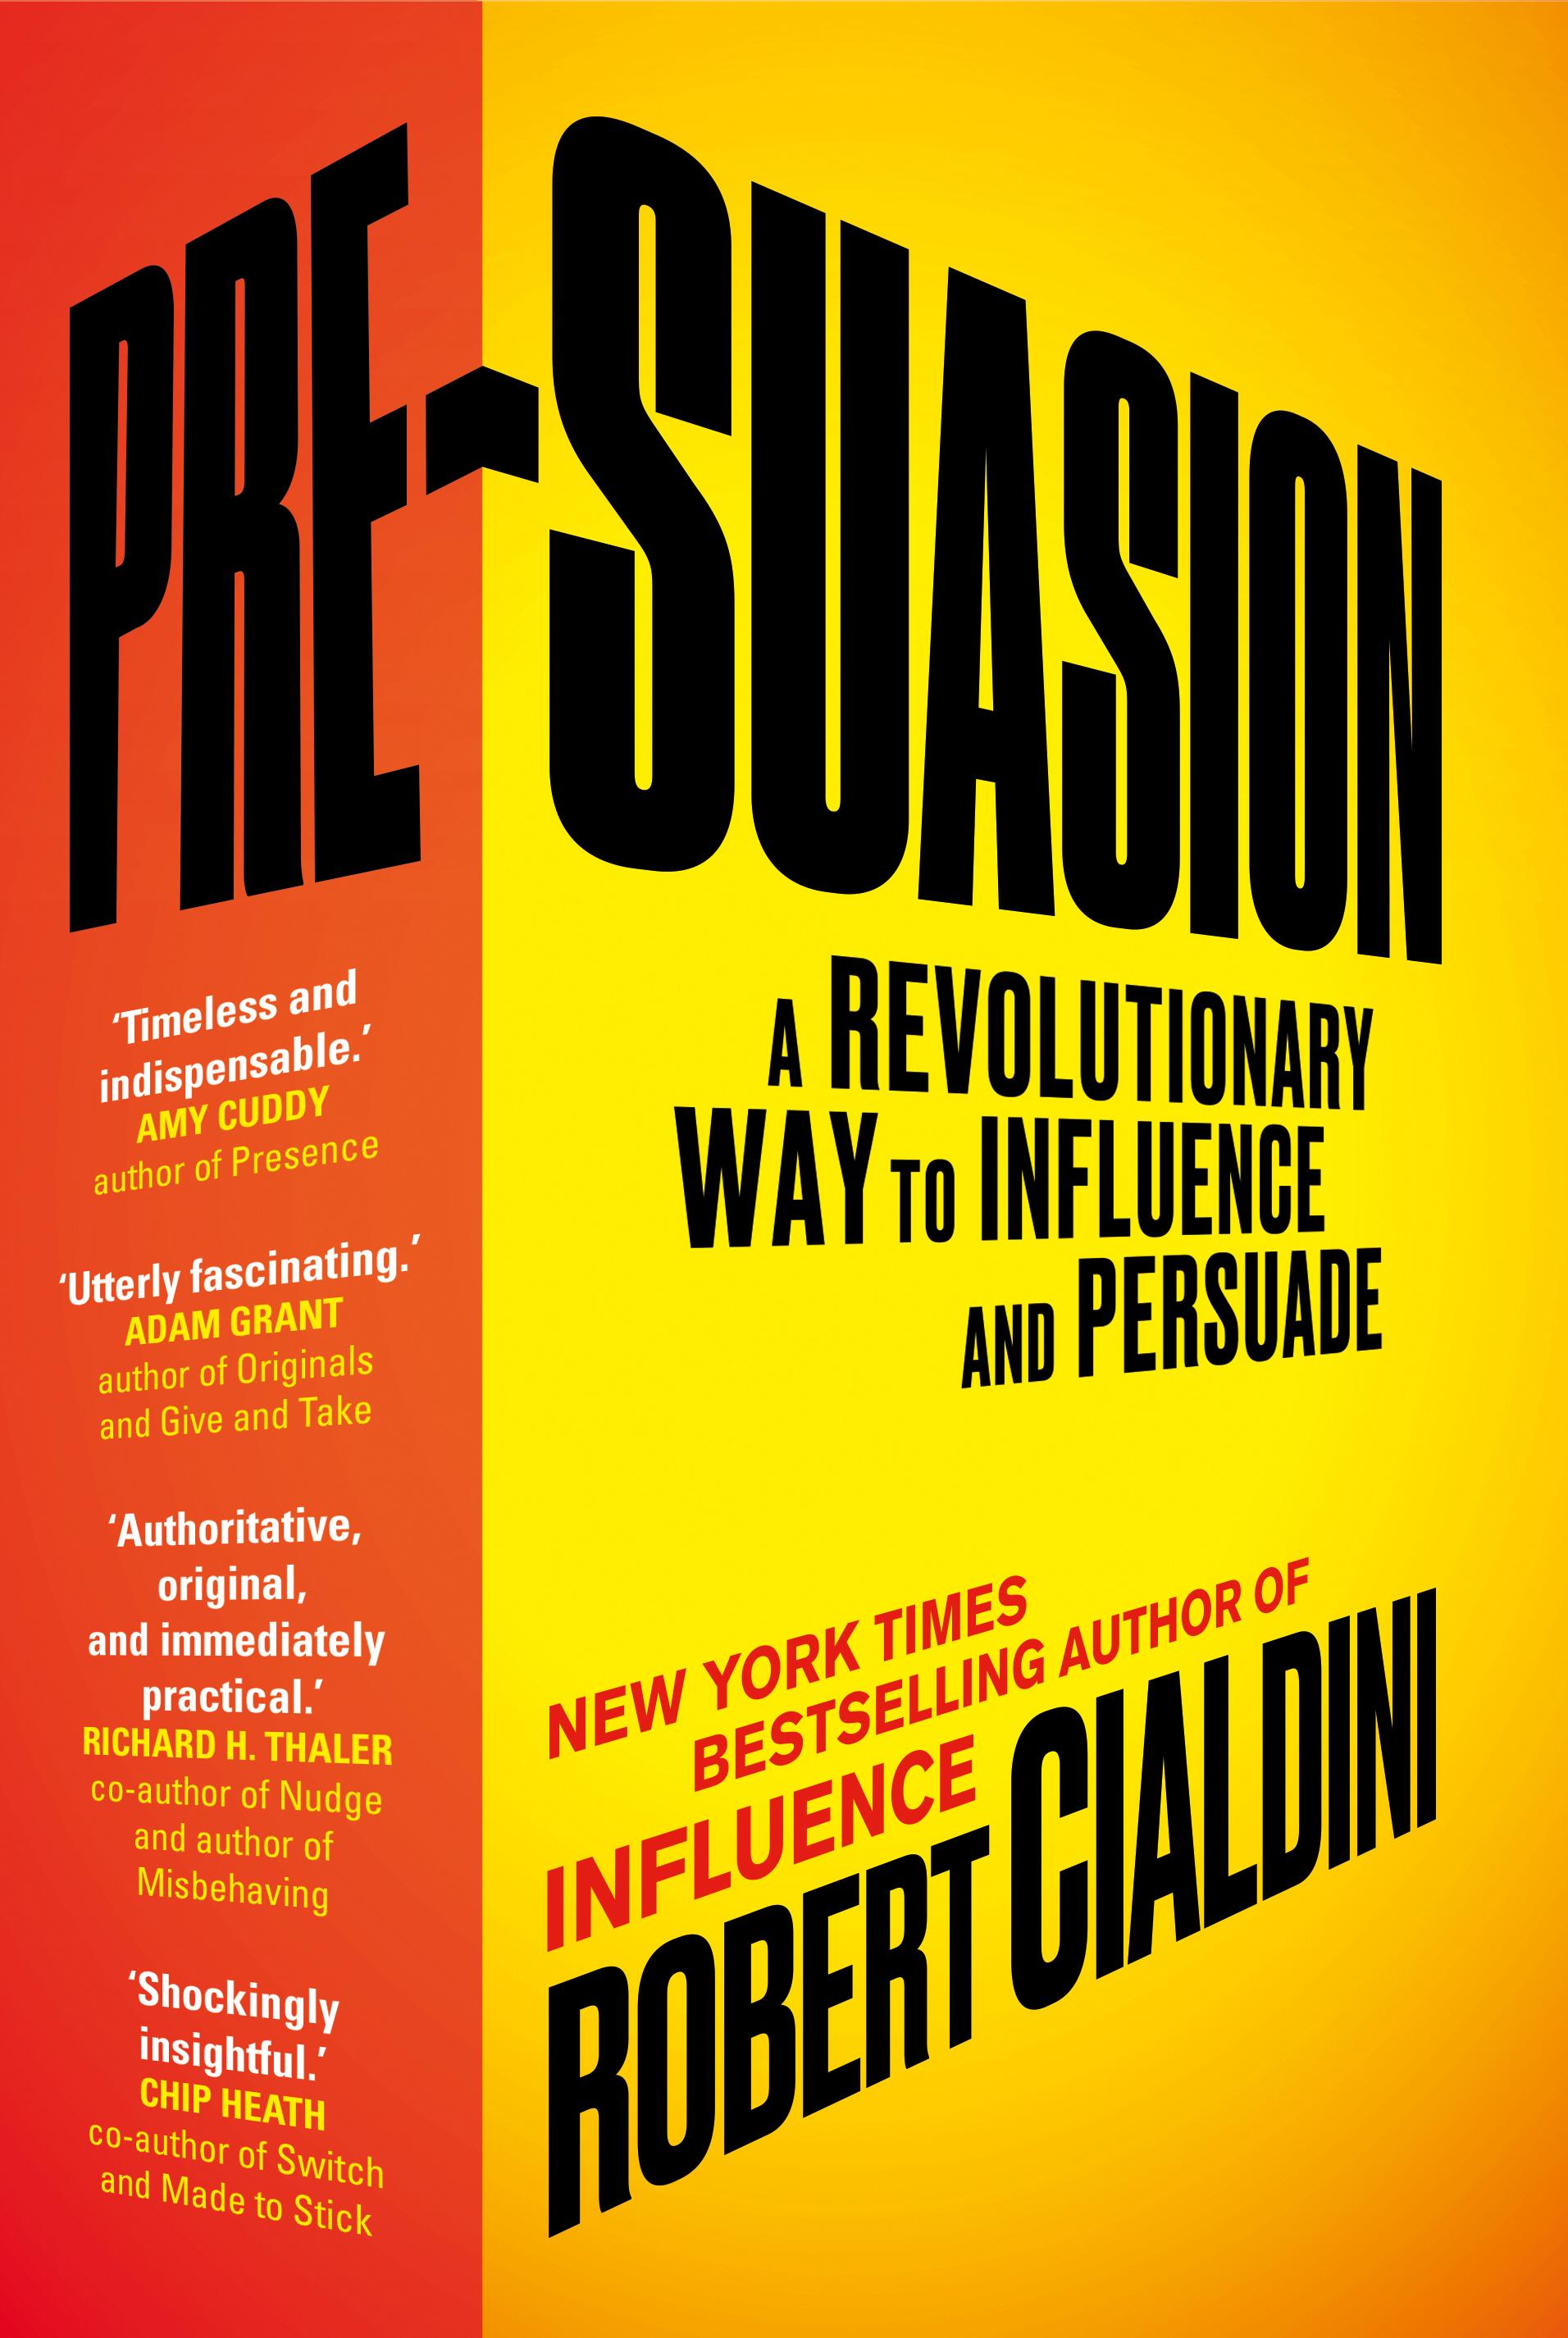 Download Ebook Pre-Suasion by Robert Cialdini Pdf